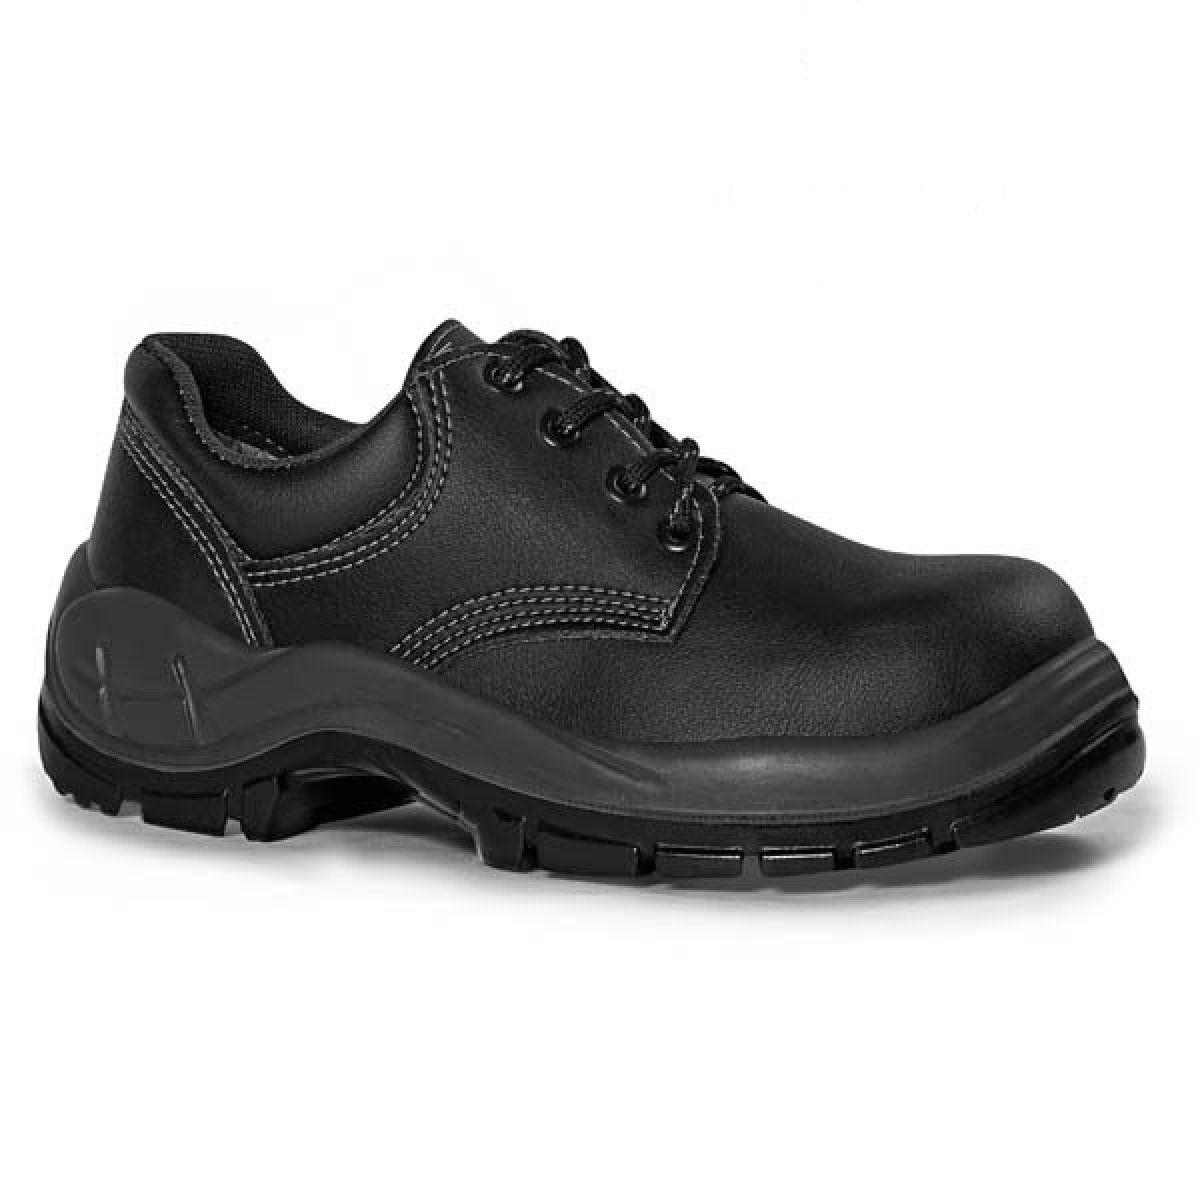 Sapato c/ Cadarço Bidensidade c/ Bico de Aço Preto N°35 - BRACOL